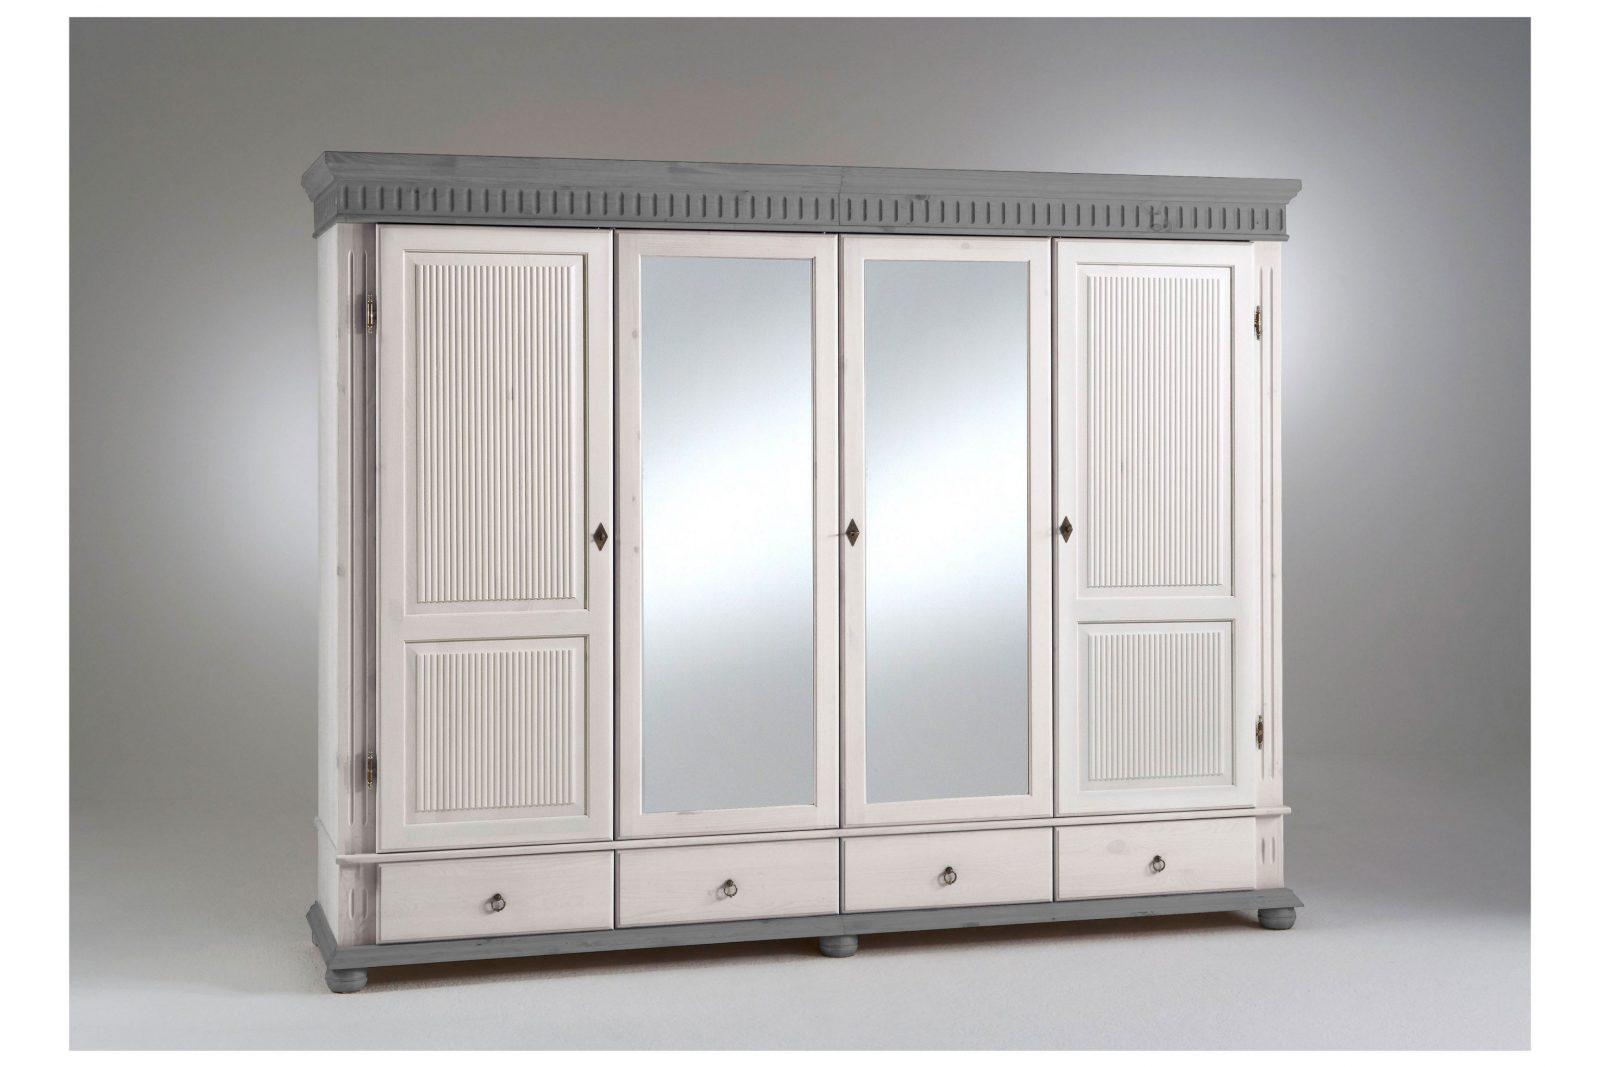 Euro Diffusion Holzschrank Helsinki Weiß  Möbel Letz  Ihr Onlineshop von Kleiderschrank Weiß Landhaus Günstig Photo